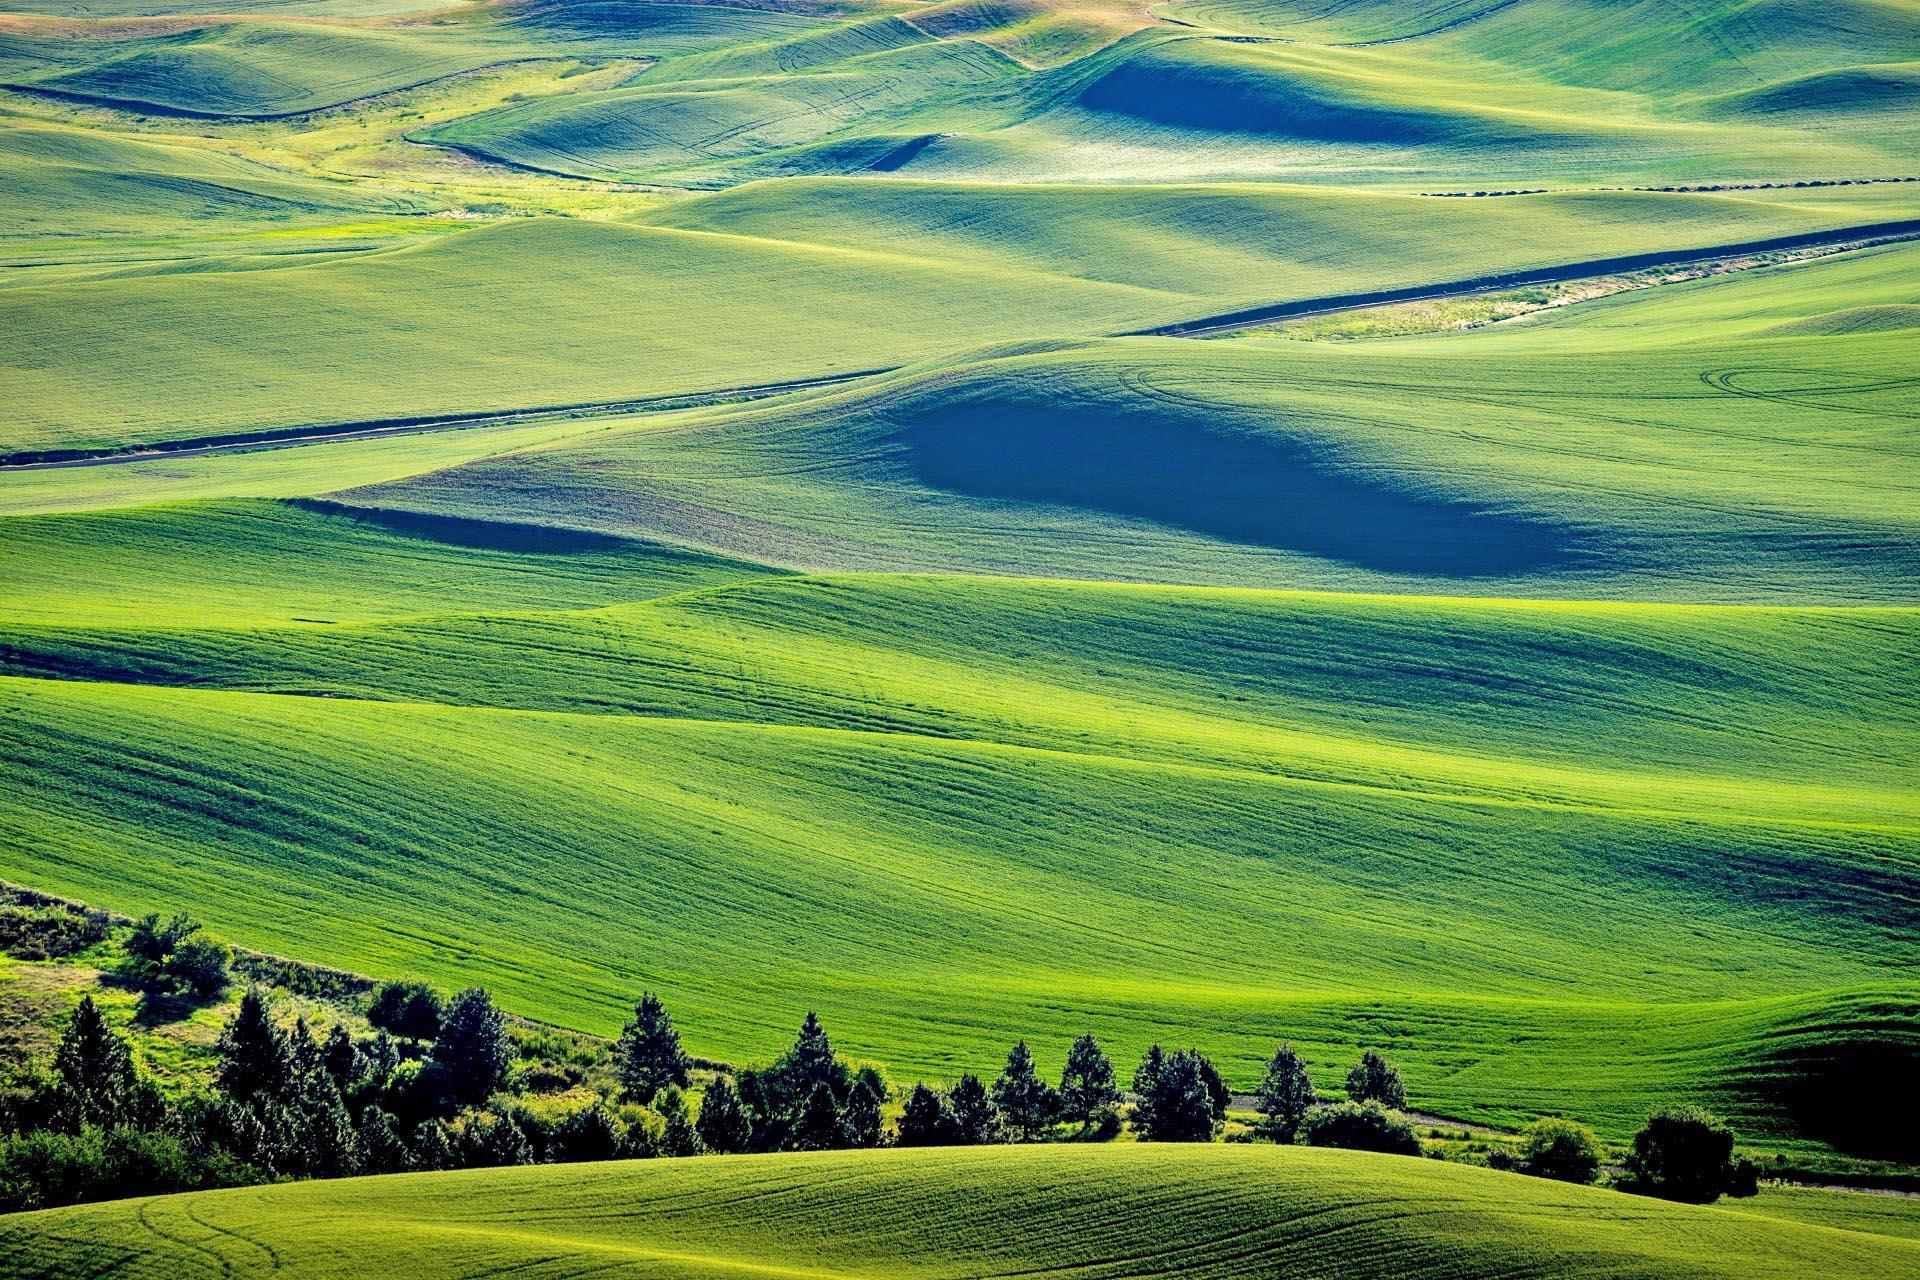 パルースの風景 ワシントン州東部 アメリカの風景